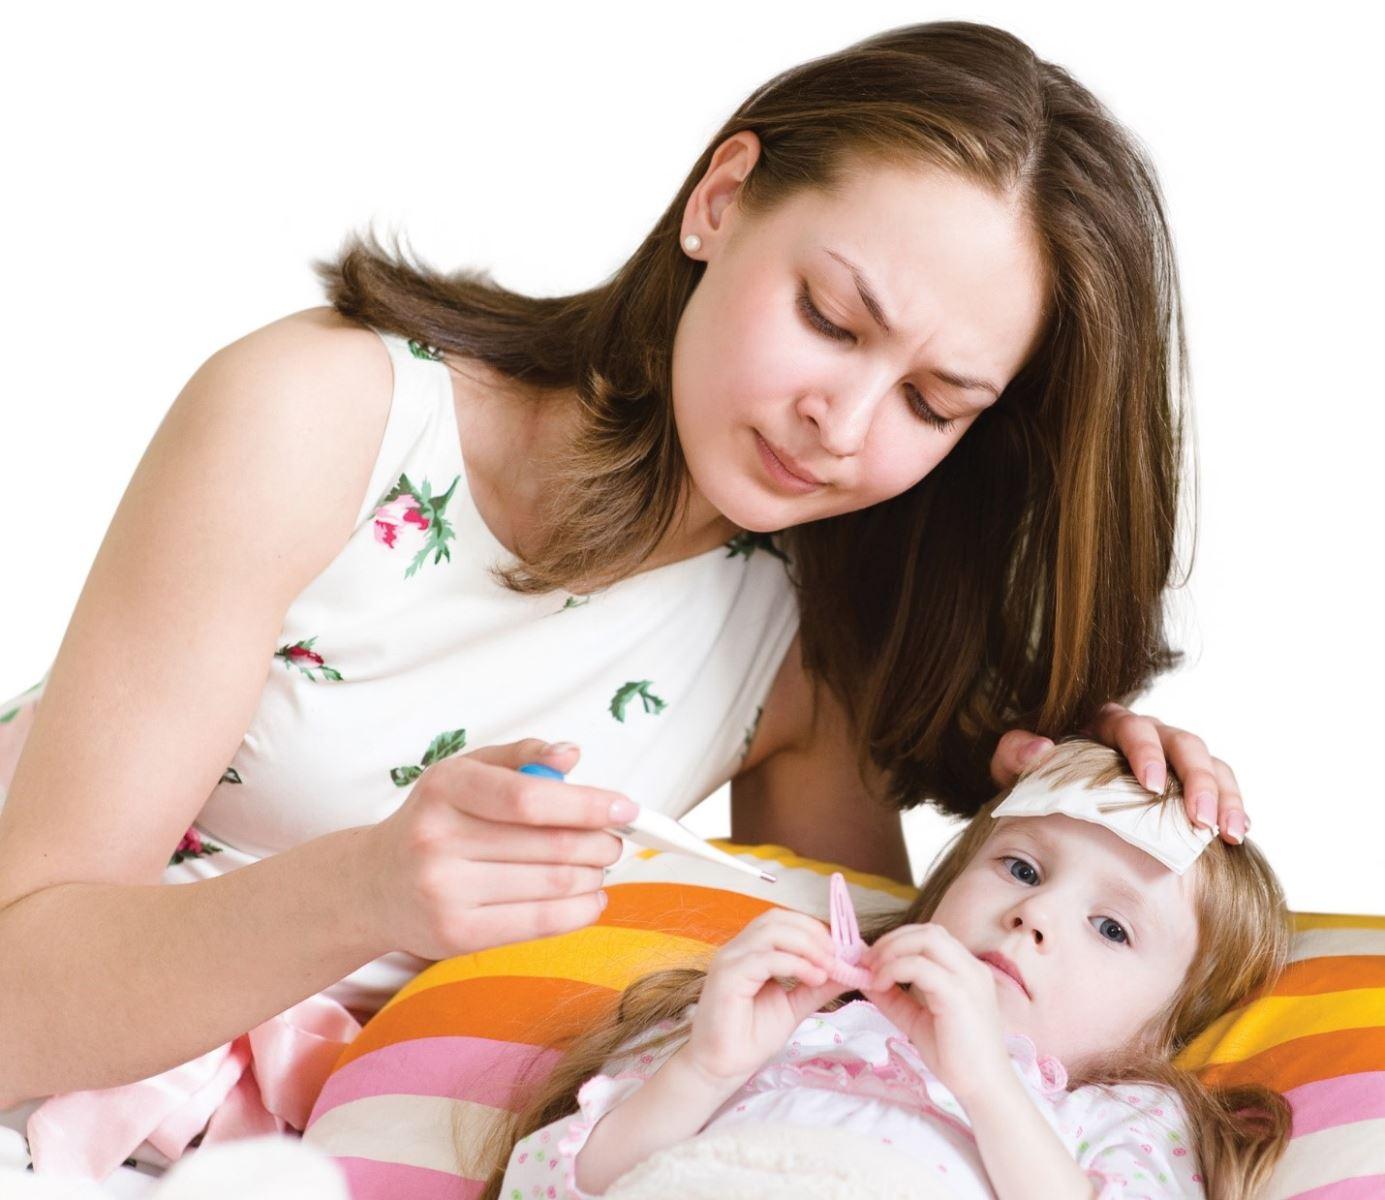 Chia sẻ kinh nghiệm chăm con bị sốt mà các Mẹ có thể chưa biết?